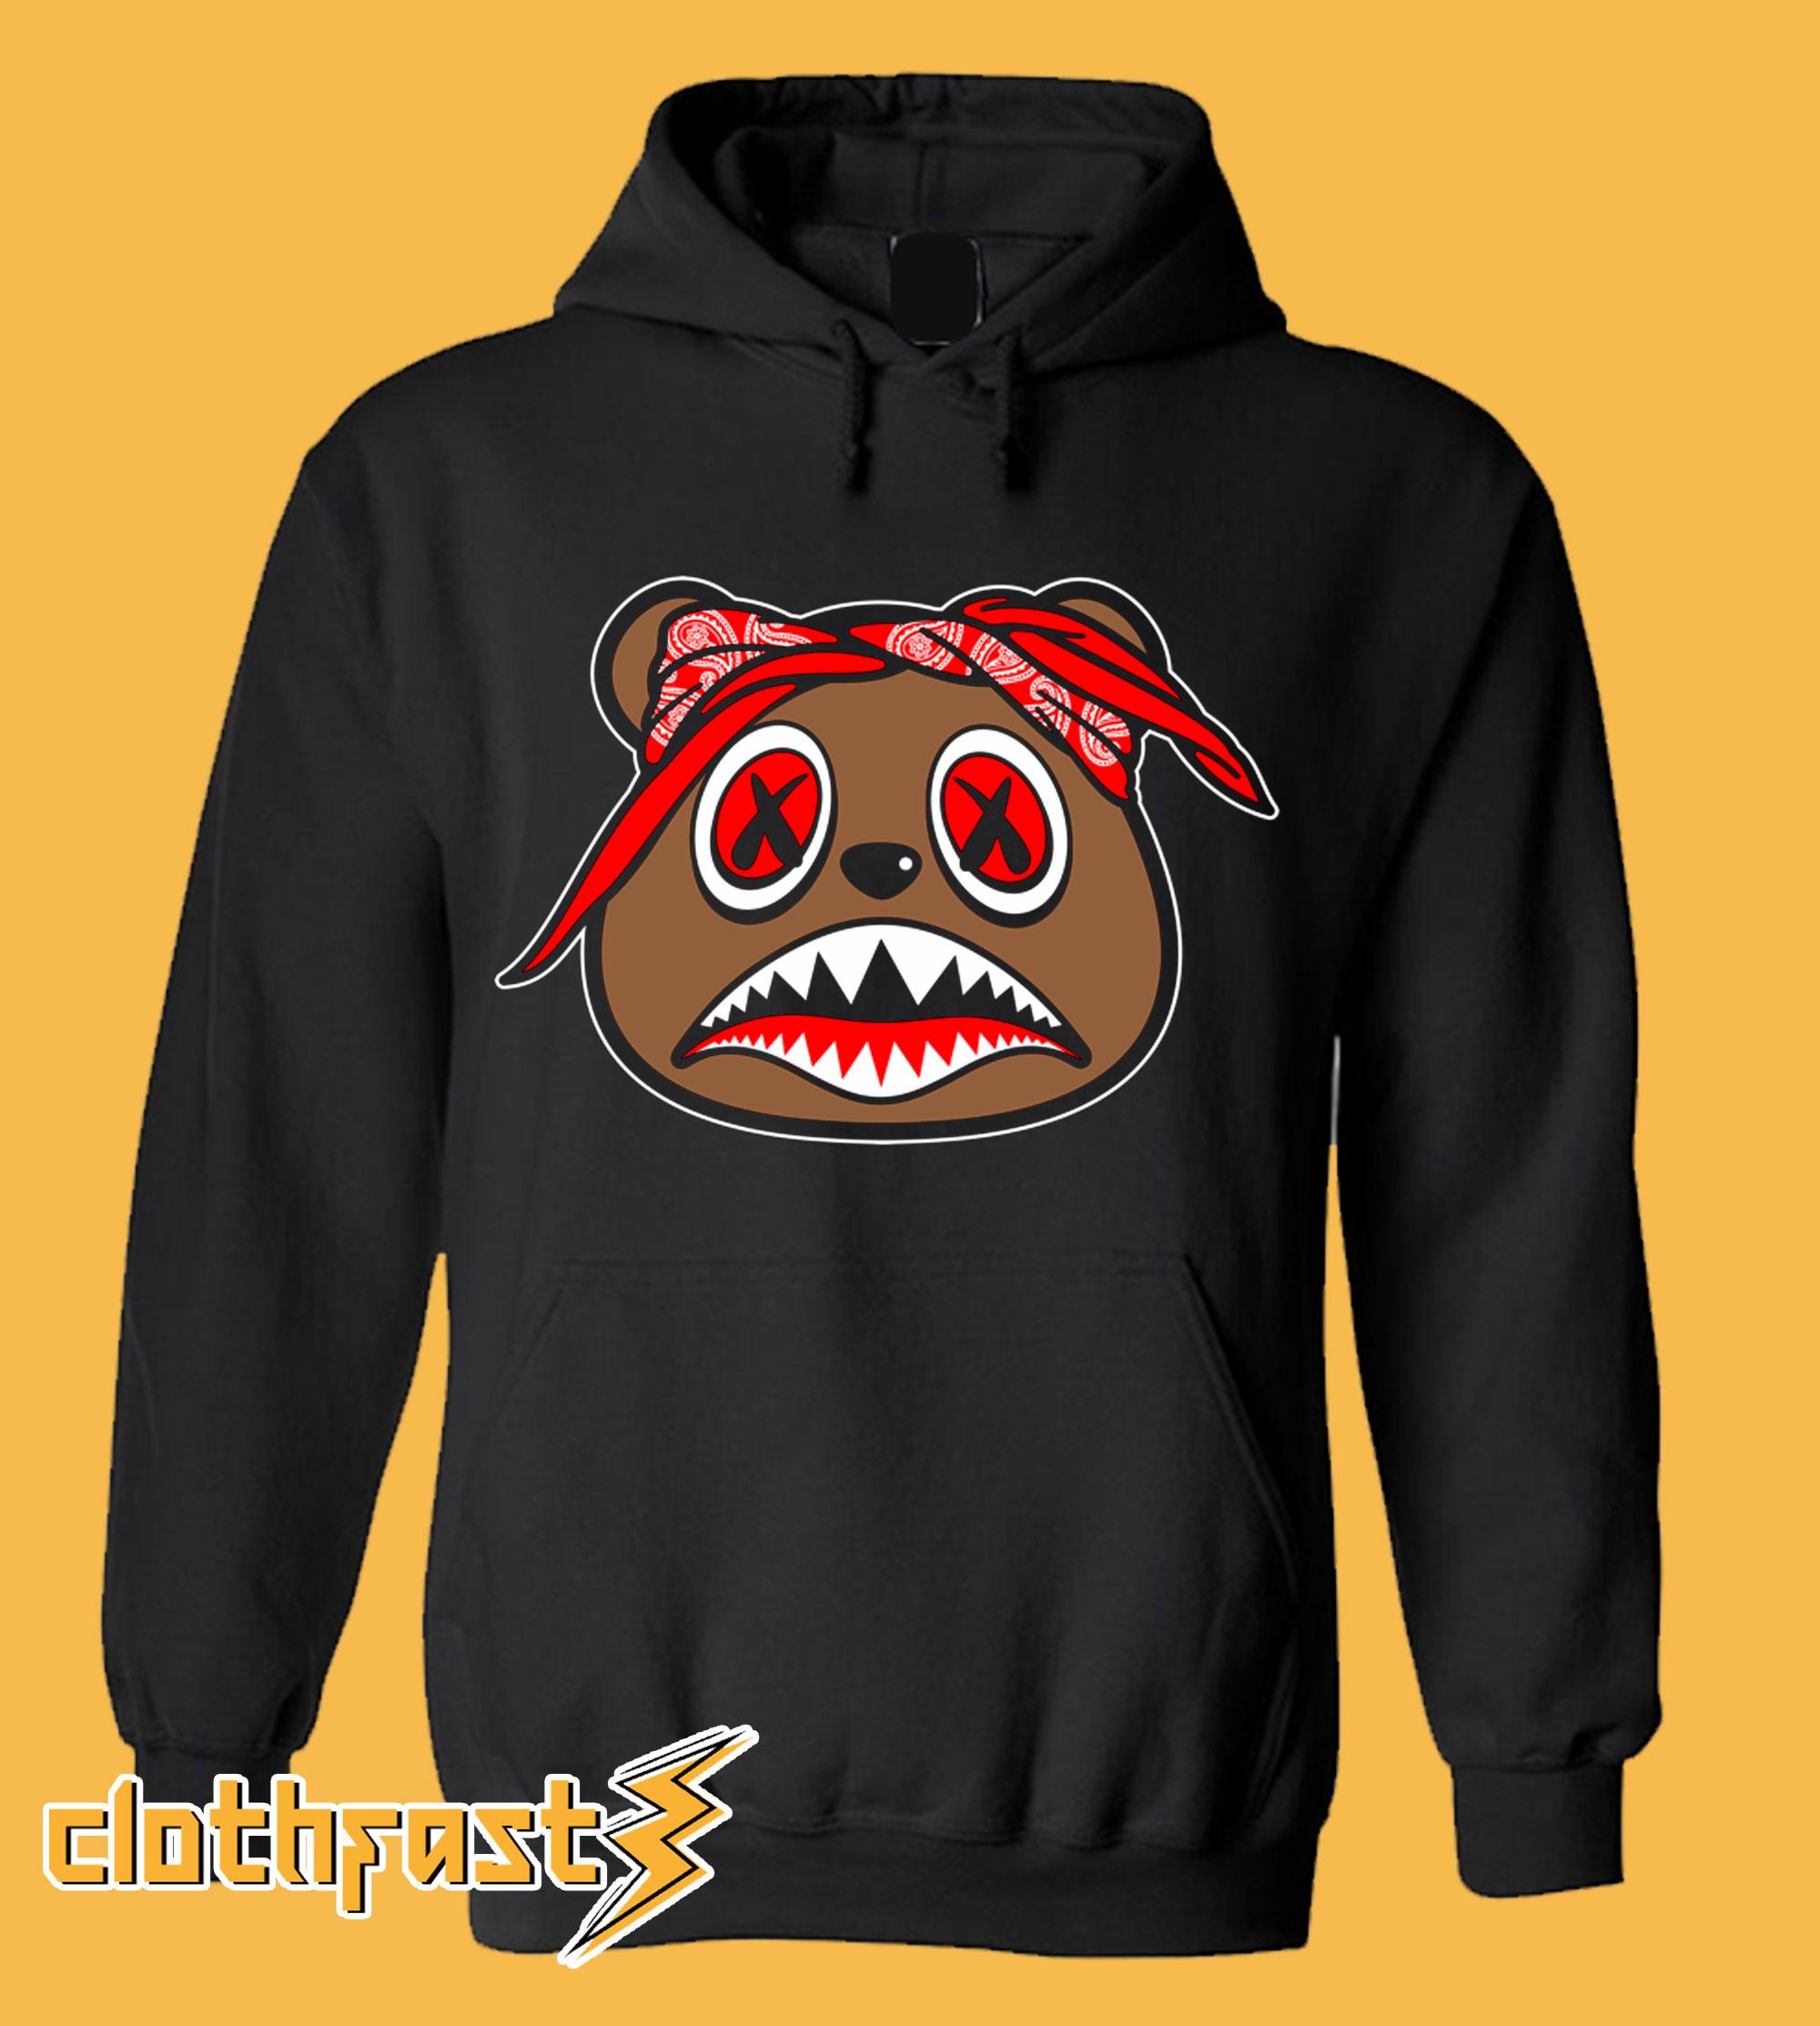 Bred Baws Black Hoodie